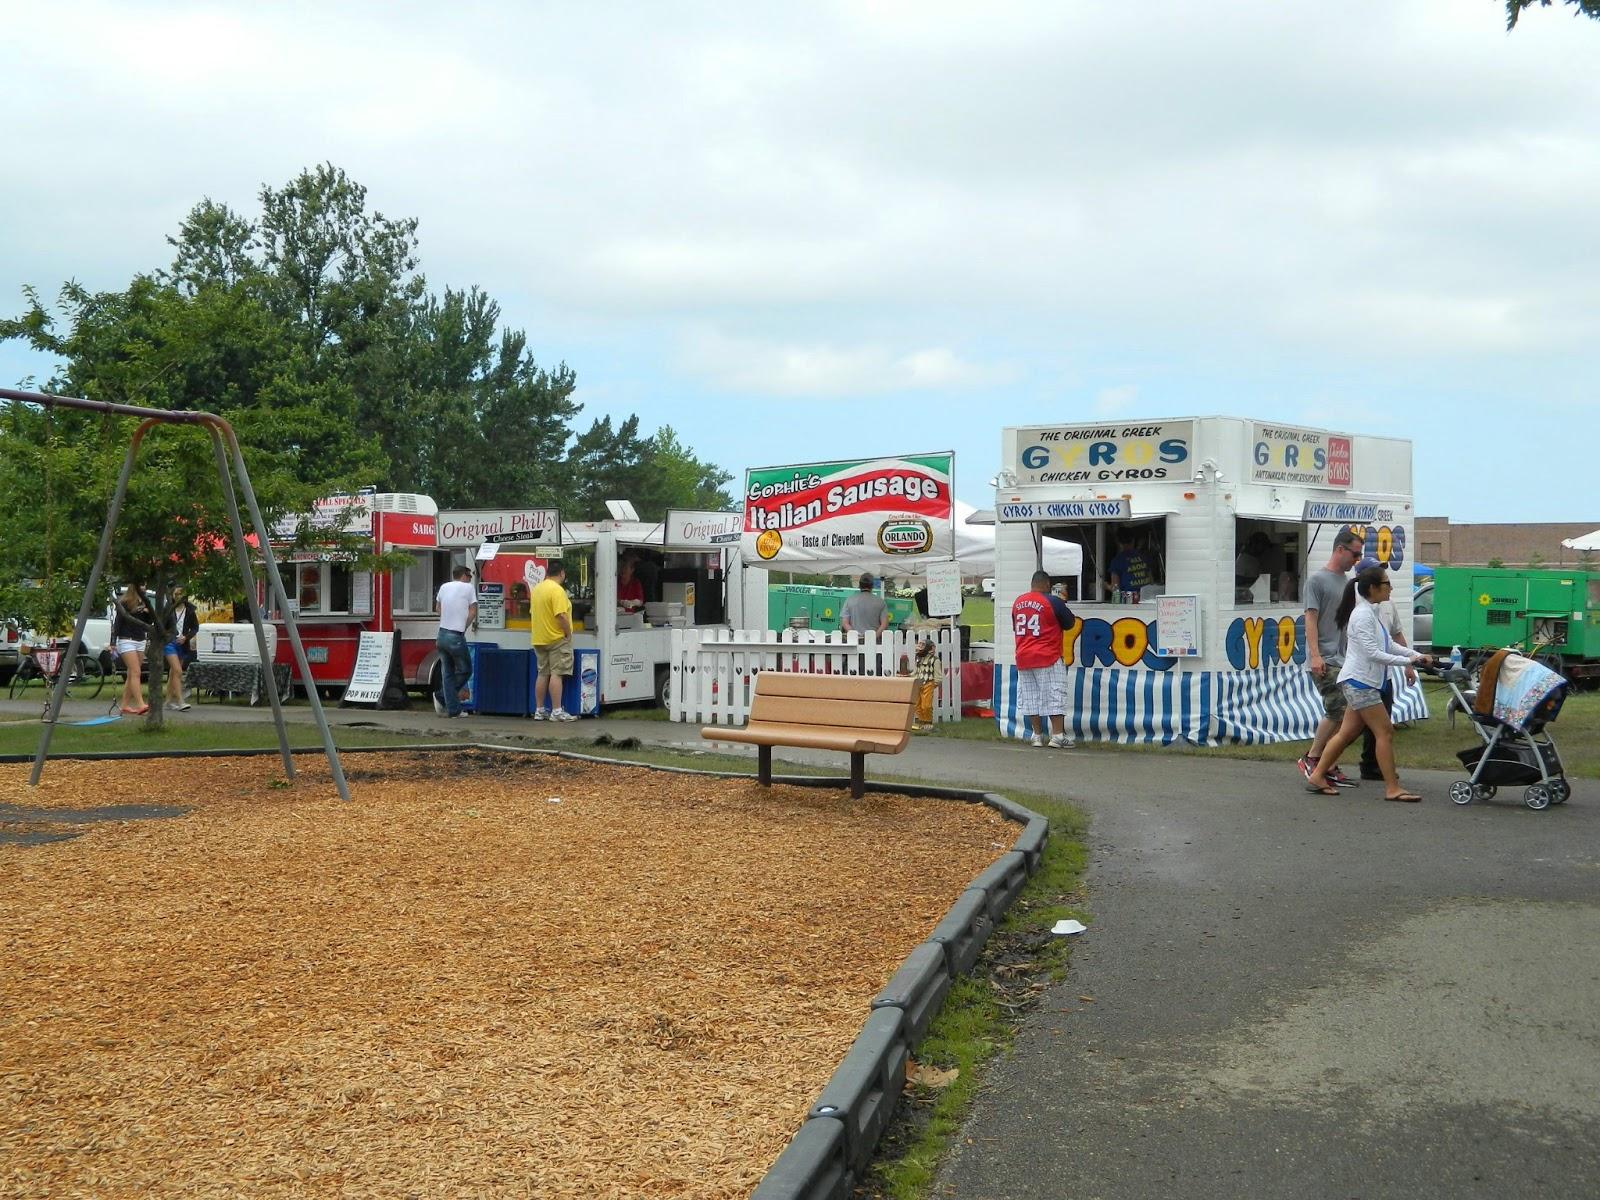 16 Fairview Park Summerfest Review June 30 2013